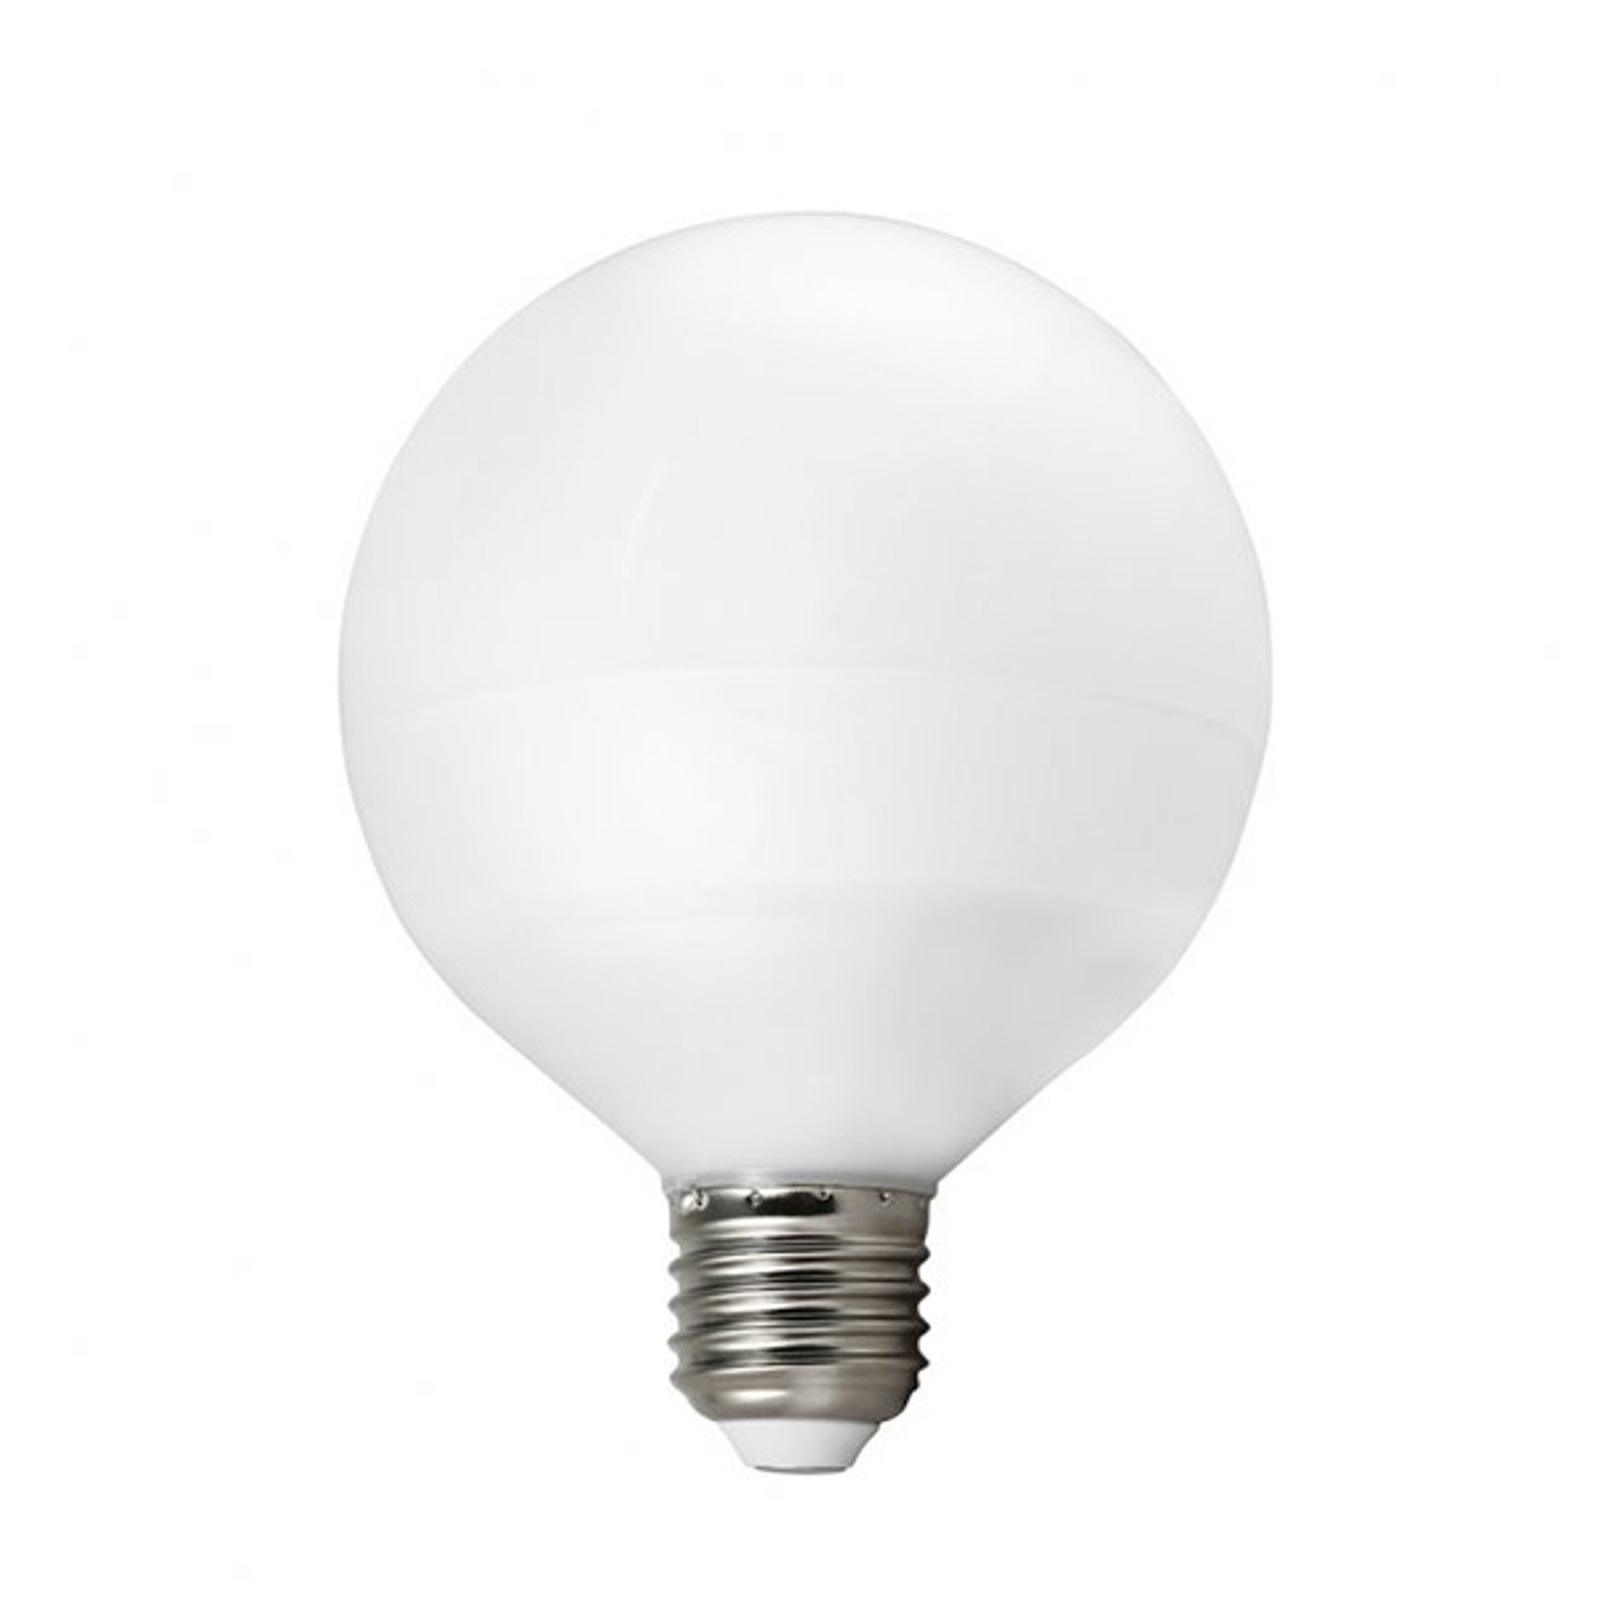 E27 13W 827 LED-Globelampe G95, warmweiß